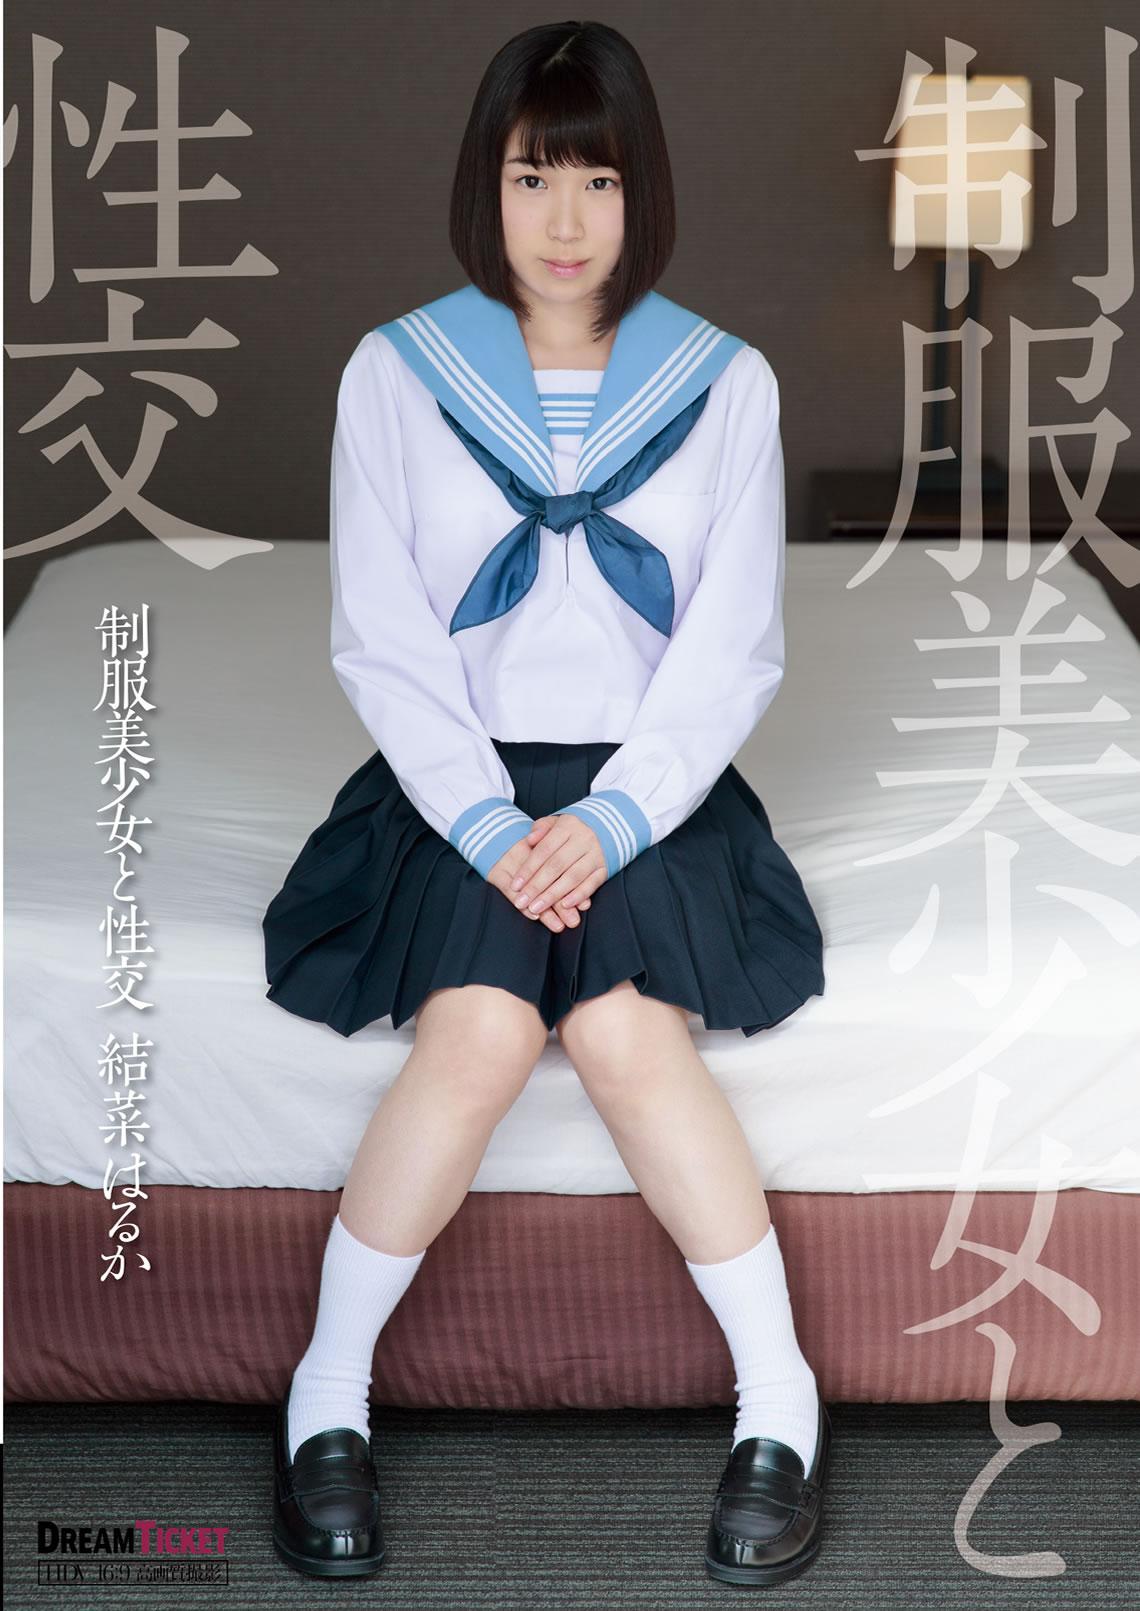 japan-uniform-girl-sex-incredibles-daughter-nudist